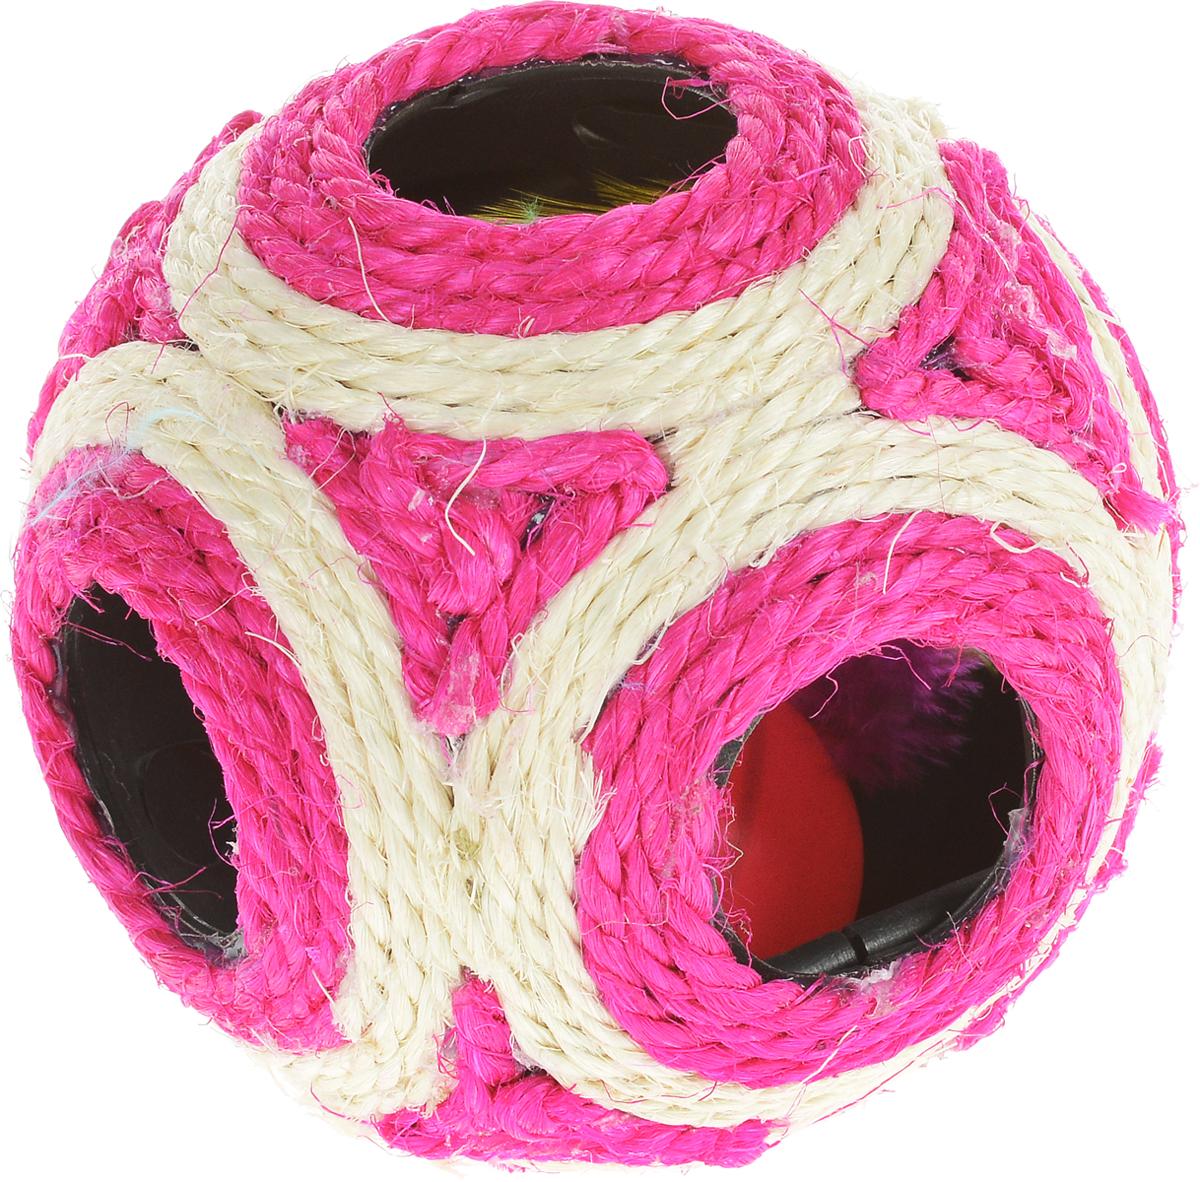 Когтеточка Triol Мяч, цвет: розовый, слоновая кость, диаметр 11,5 см0120710Когтеточка Triol Мяч выполнена из разноцветного сизаля. Внутри когтеточки расположена игрушка в виде шарика-погремушки с перьями, которые привлекут внимание вашего питомца. Всем кошкам необходимо стачивать когти. Когтеточка - один из самых необходимых аксессуаров для кошки. Когтеточка должна висеть на такой высоте, чтобы кошка могла встать на задние лапы и вытянуть наверх передние. Для приучения к когтеточке можно натереть ее сухой валерьянкой или кошачьей мятой. Когтеточка Triol Мяч поможет вашему любимцу стачивать когти и при этом не портить вашу мебель.Диаметр когтеточки: 11,5 см.